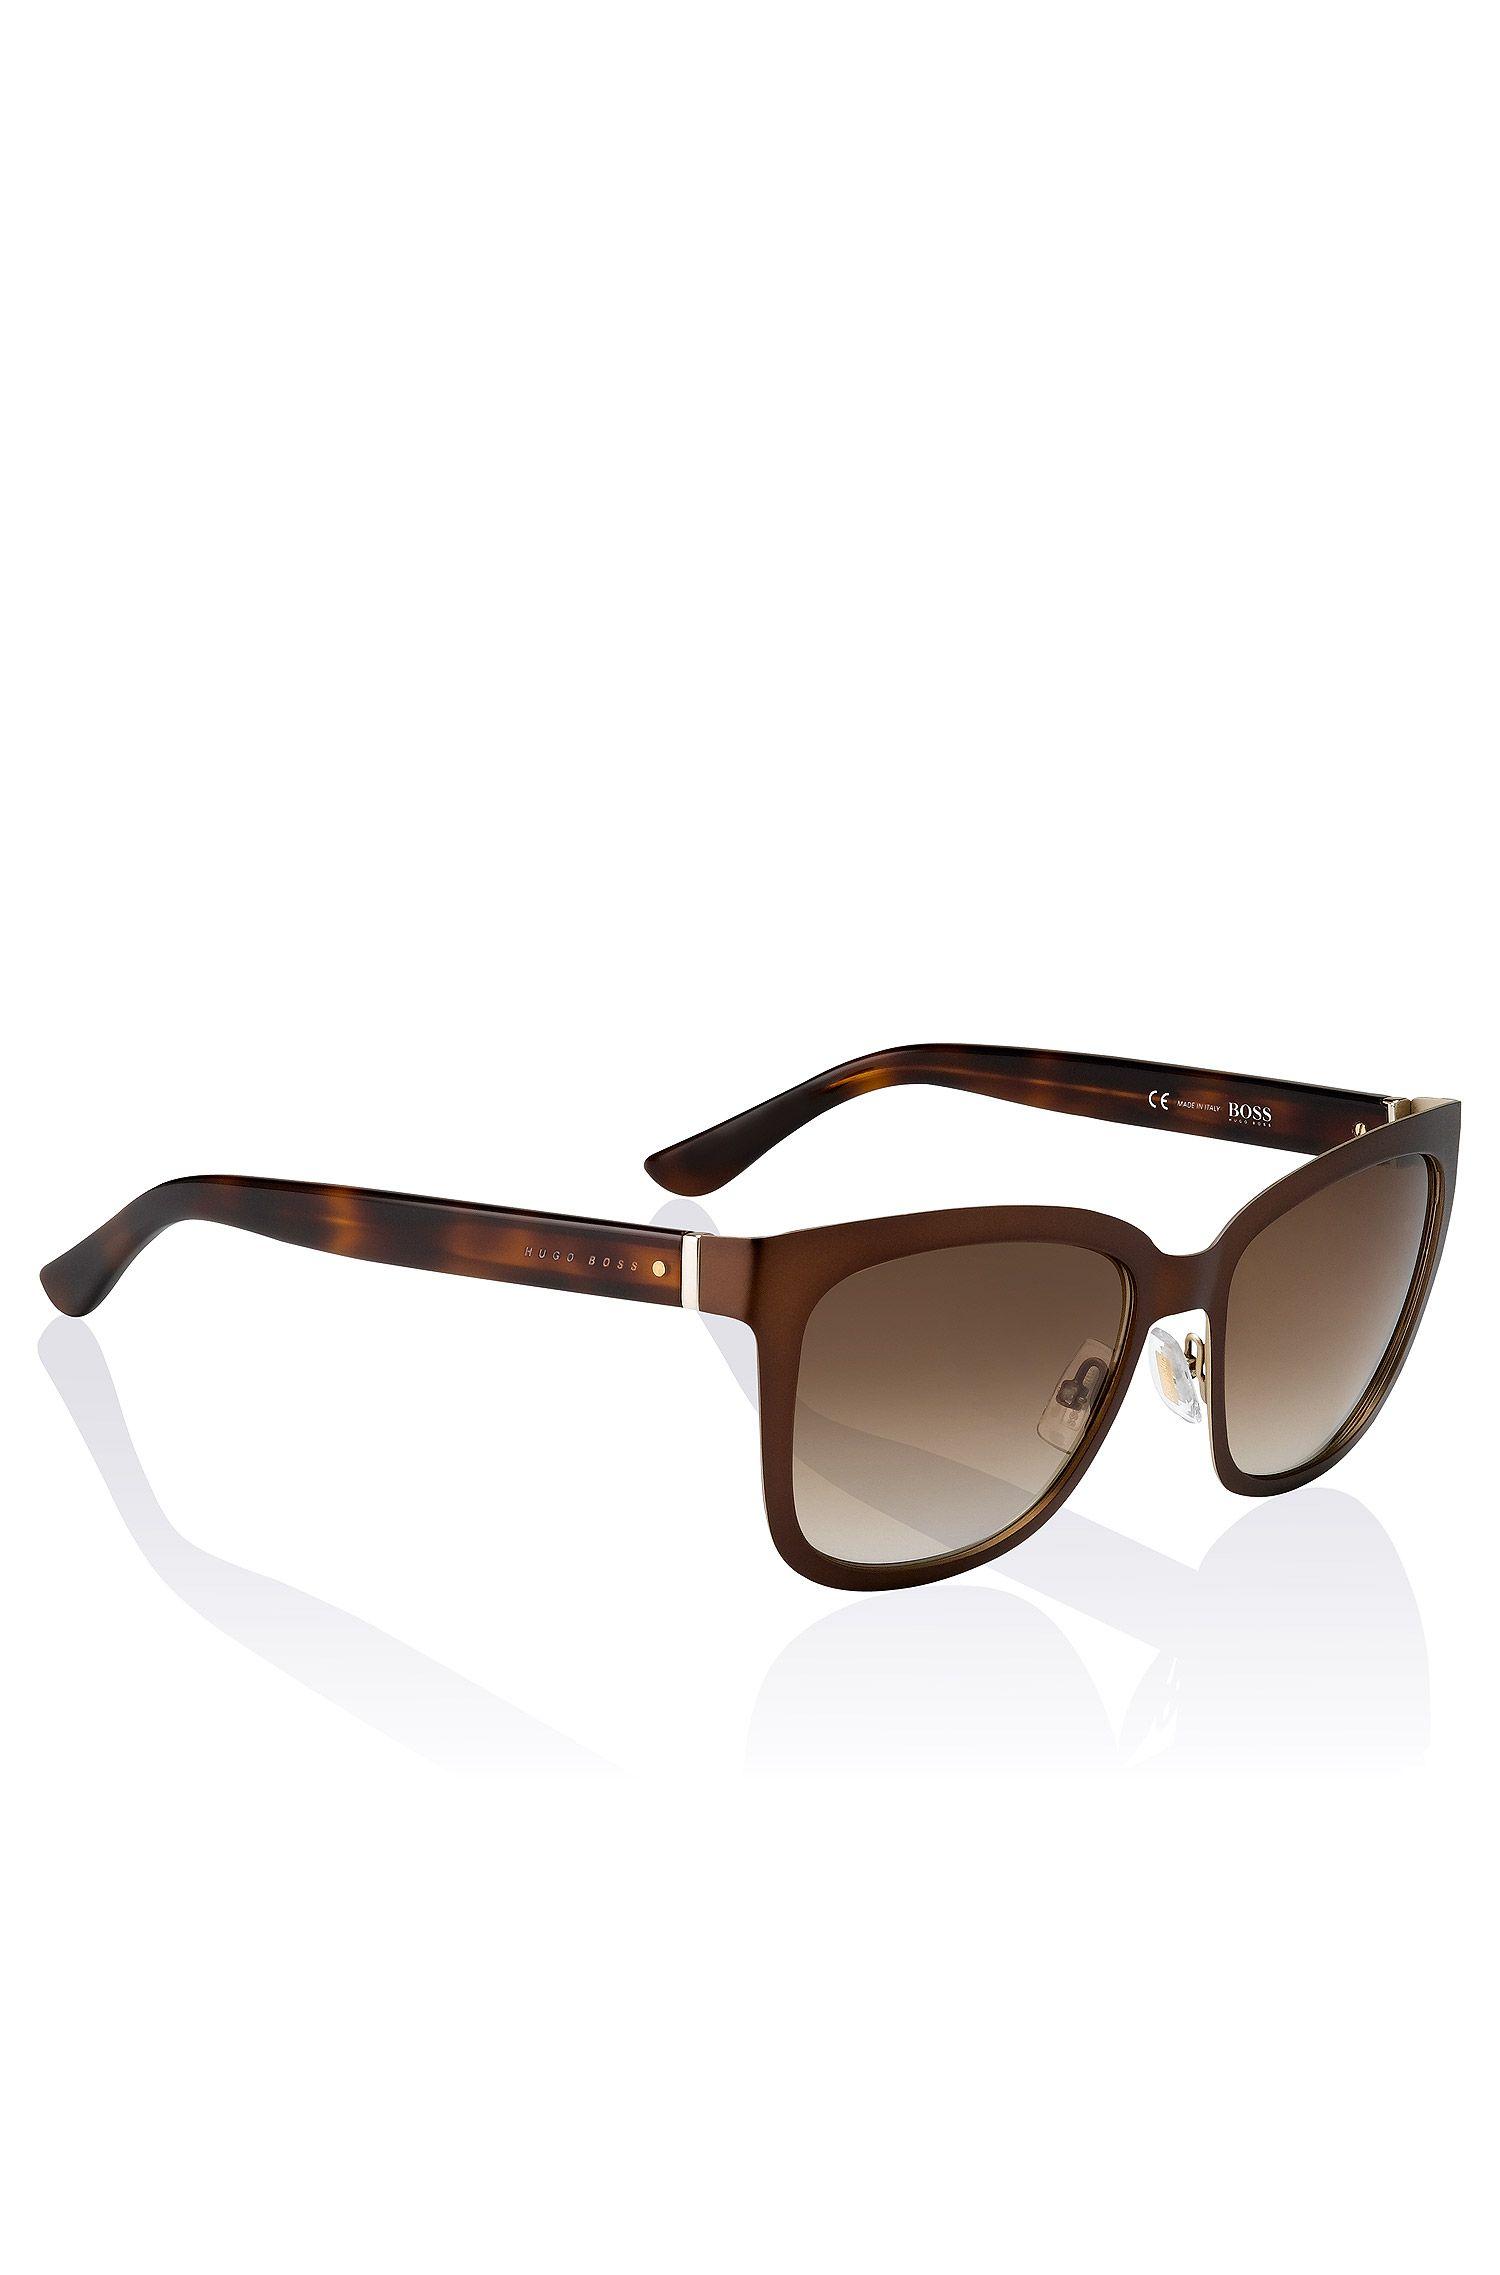 Sunglasses 'BOSS 0676' in acetate and metal